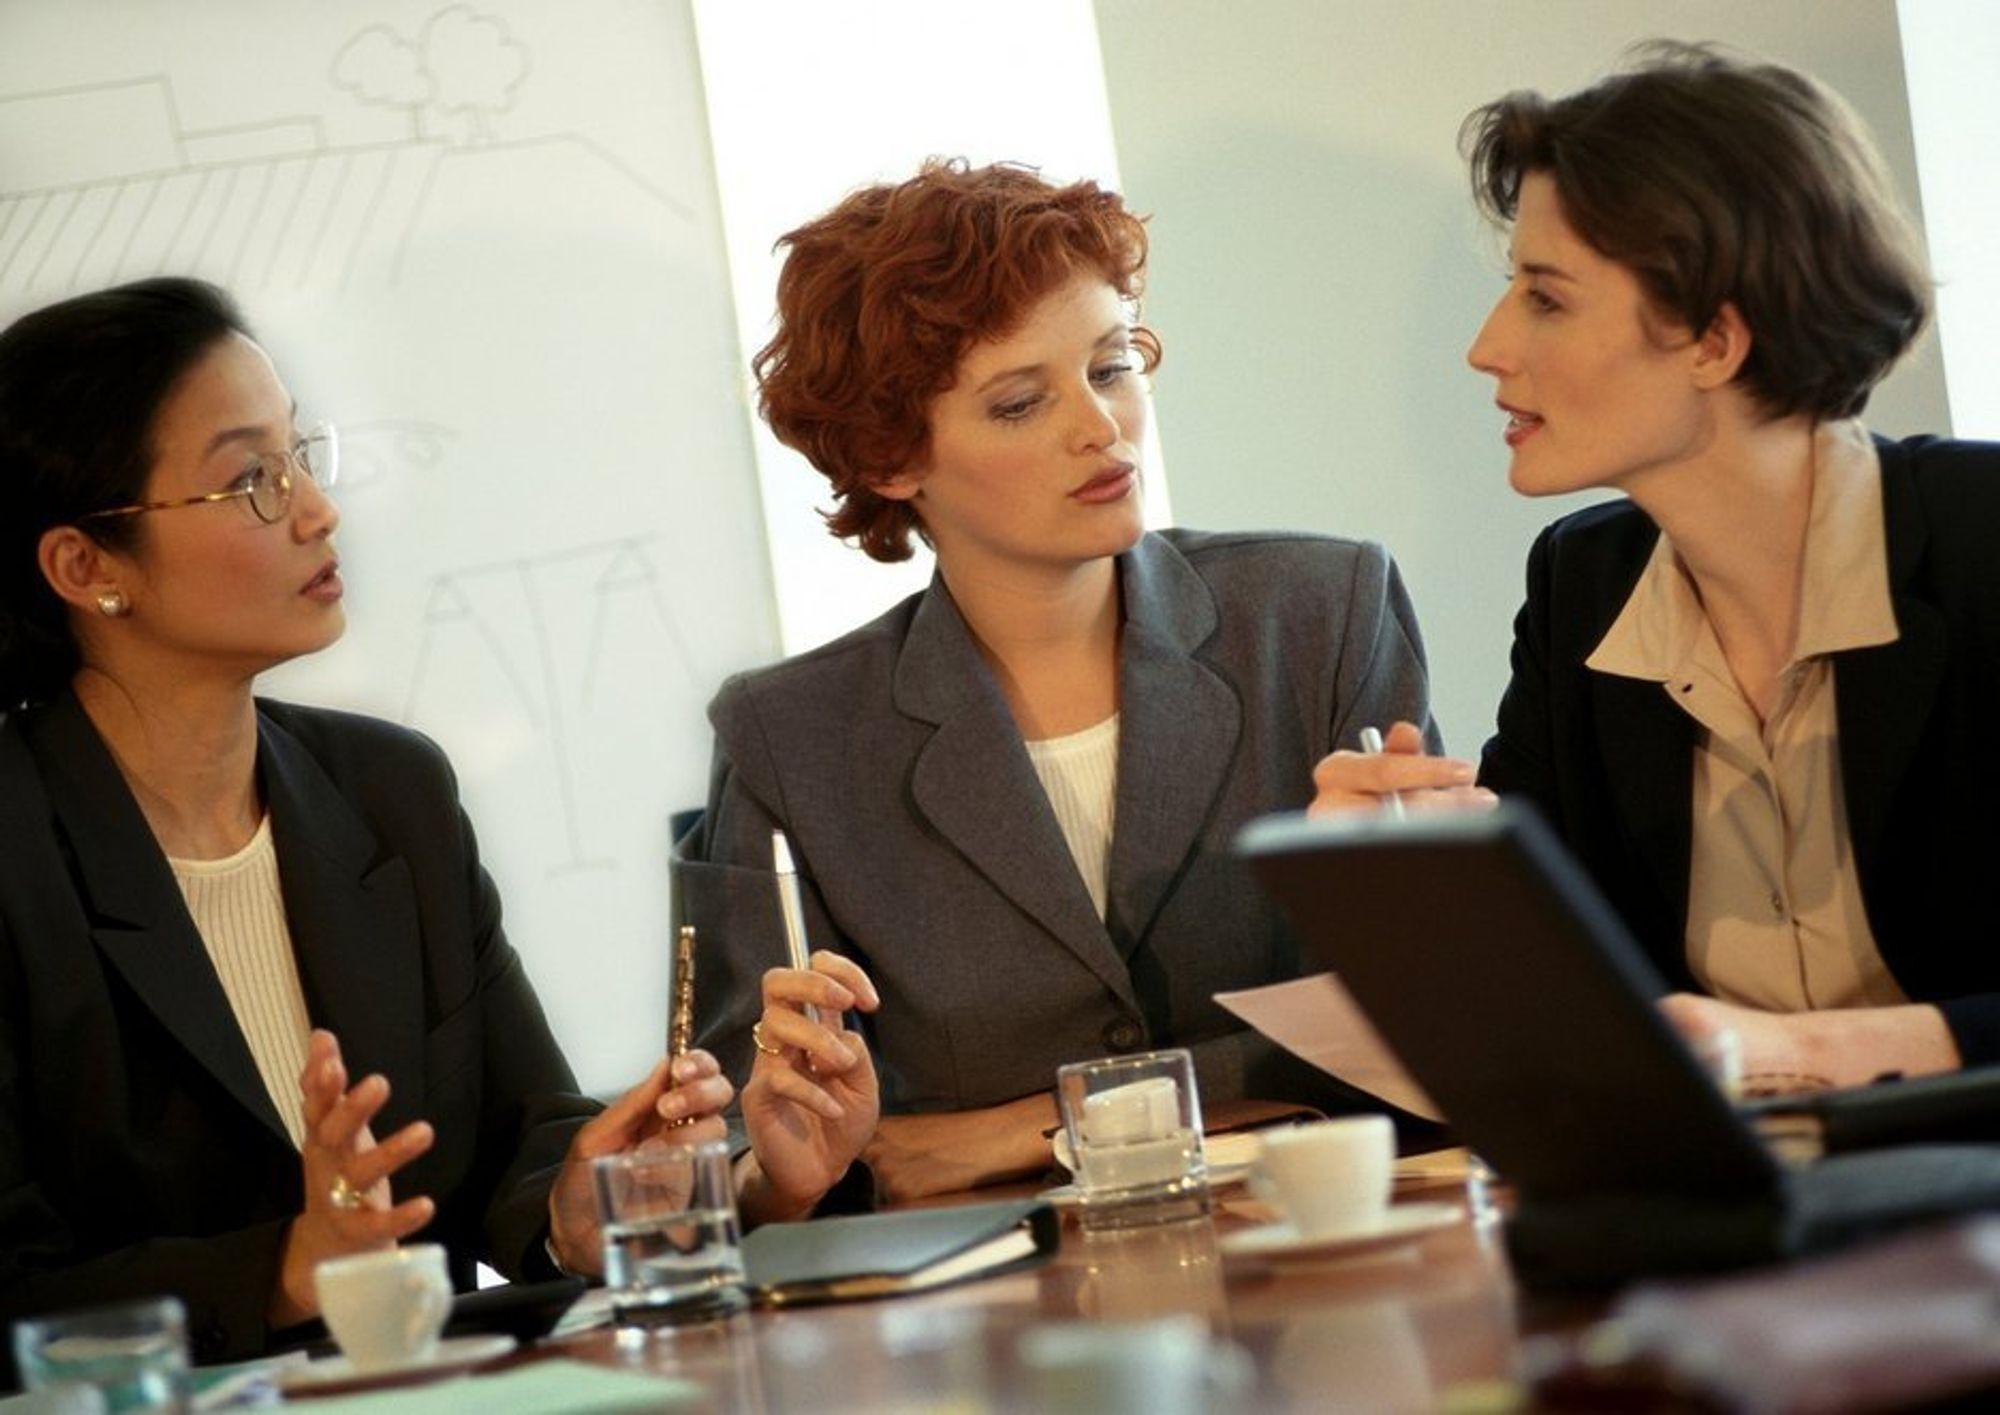 MÅ OPPFORDRES: - Det er mange kvinnelige mellomledere. Kvinner må oppfordres til å ta lederposisjoner for å se at det er mulig, sier Anne Marie Kittelsen i Innovasjon Norge.